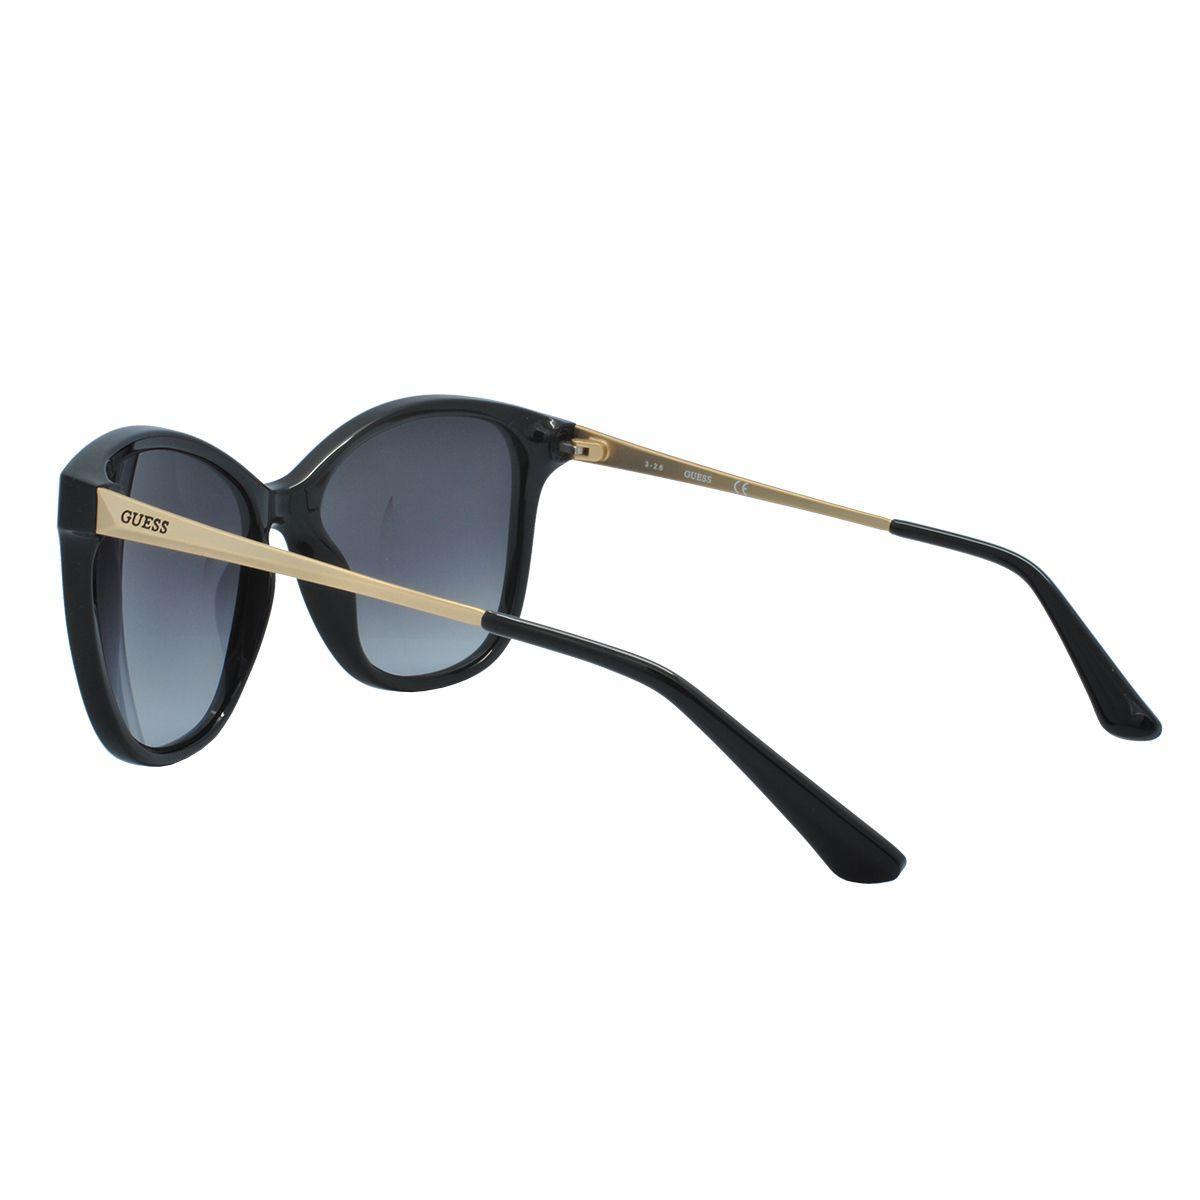 a6b7a3779 Óculos de Sol Guess Feminino GU7502 01A - Acetato Preto Produto não  disponível